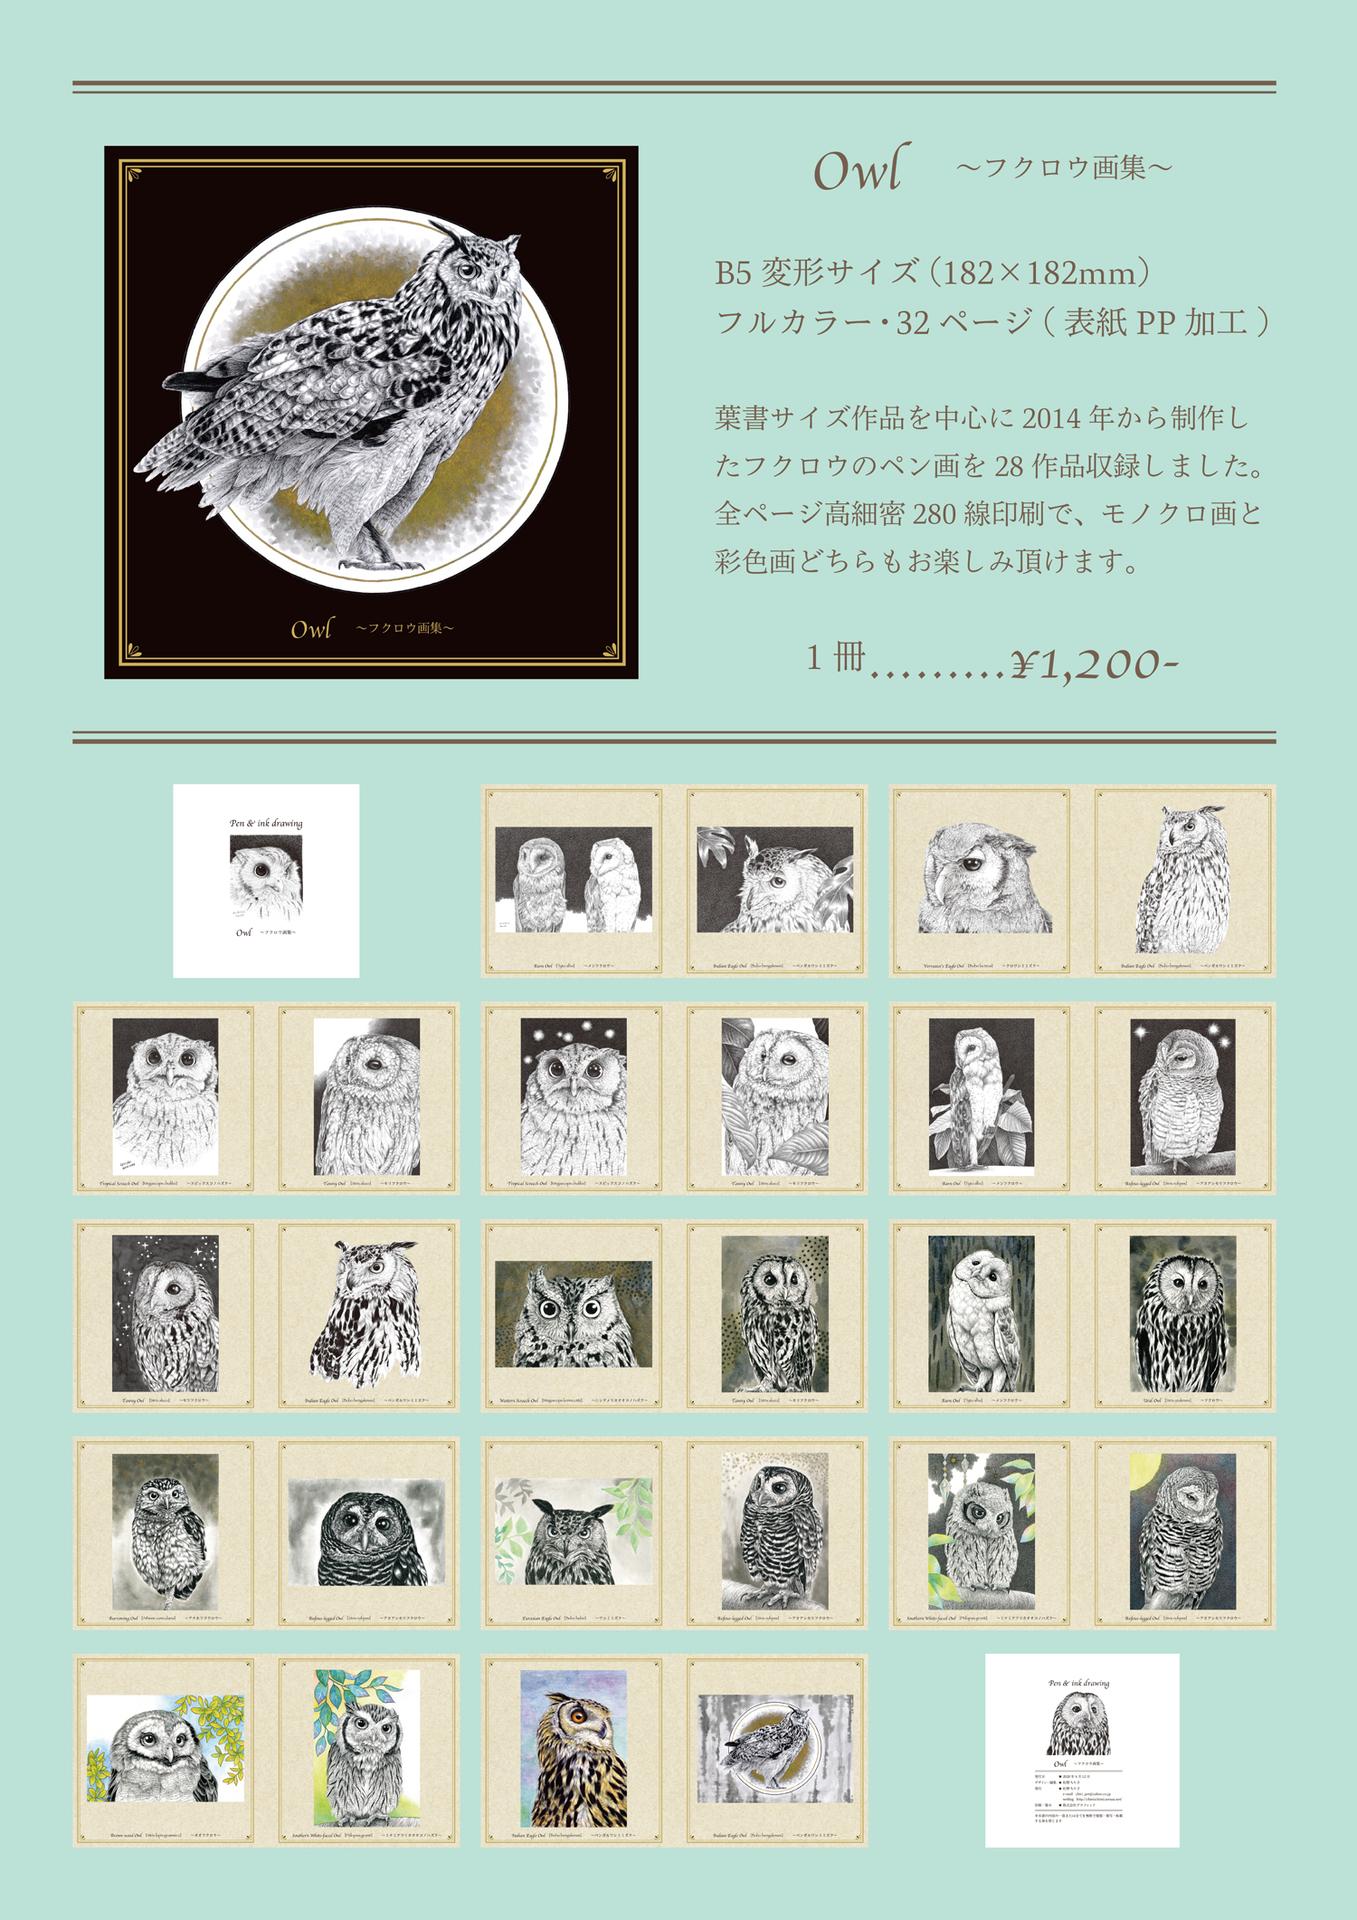 owlbook_pr01s.jpg